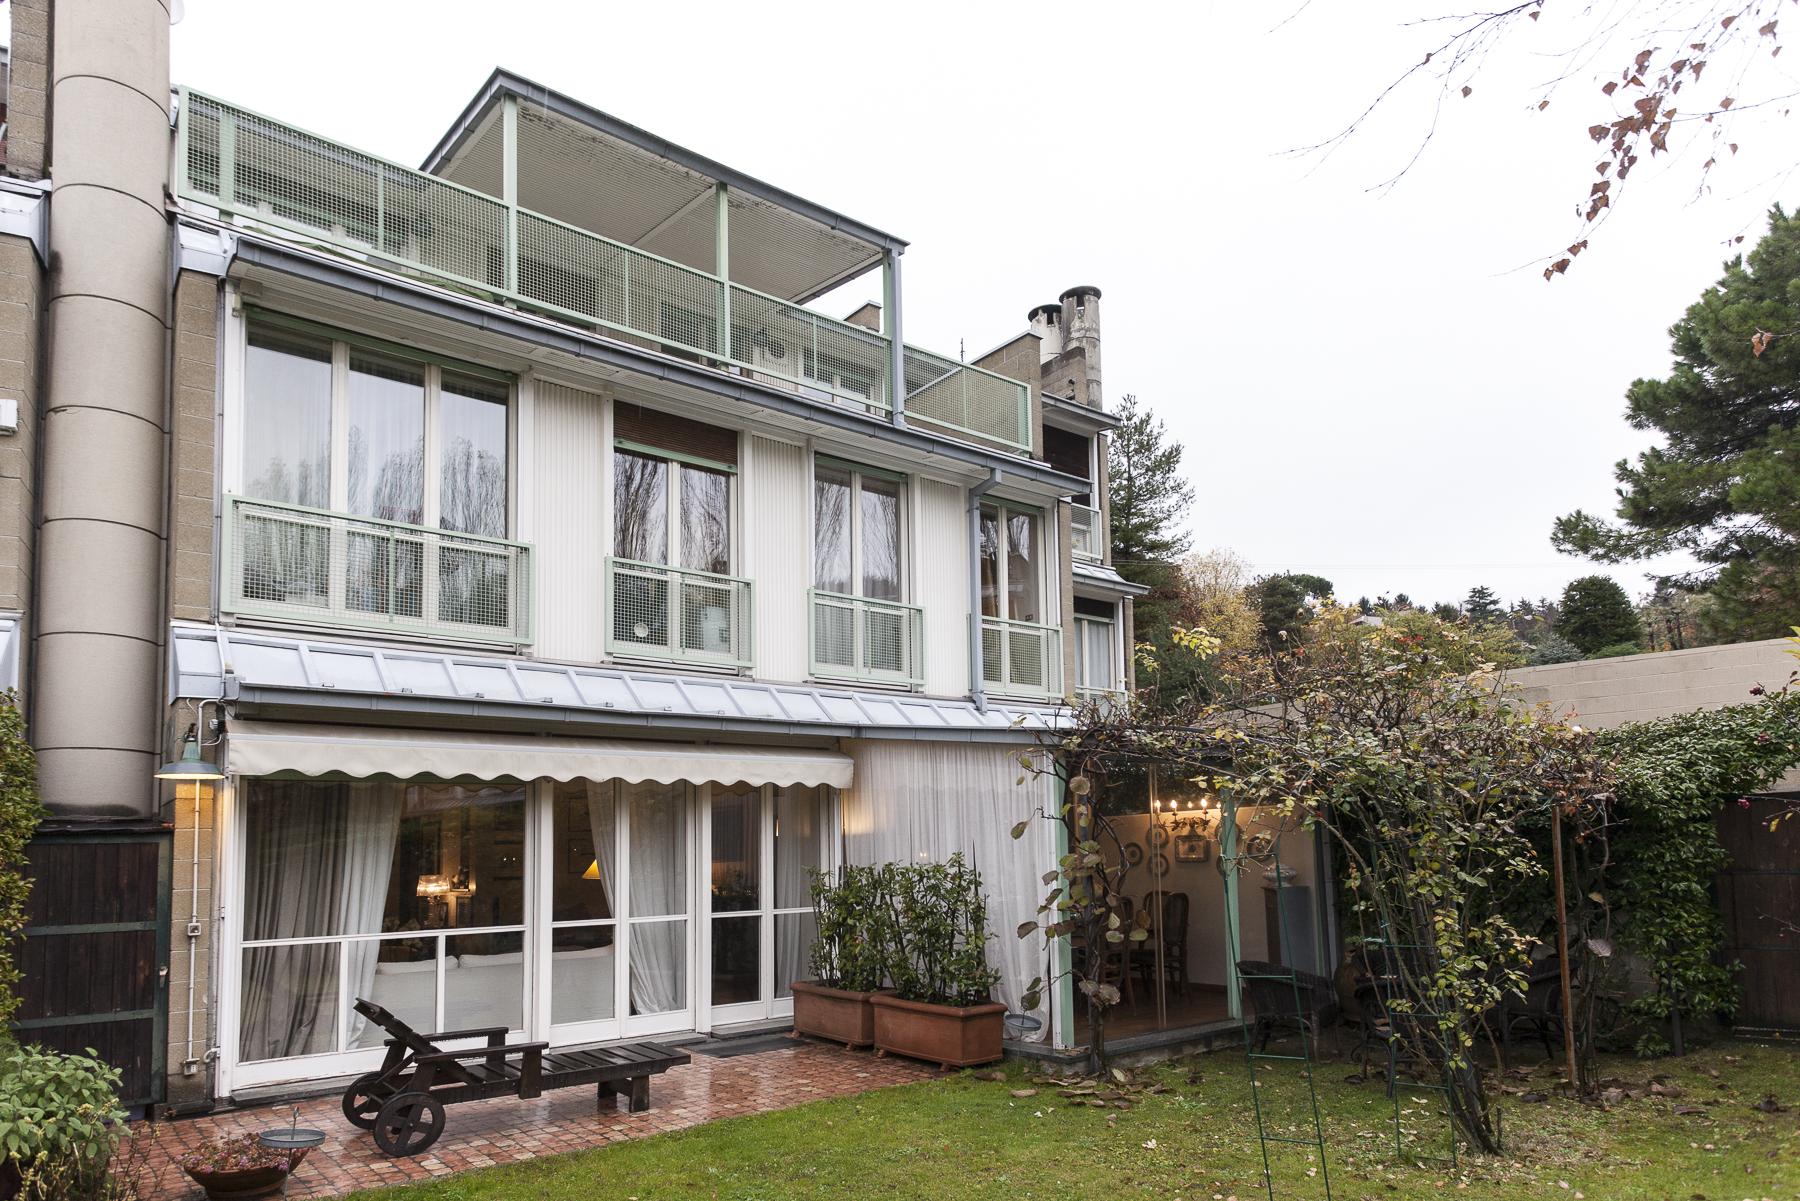 Villa in Vendita a Torino:  5 locali, 280 mq  - Foto 1